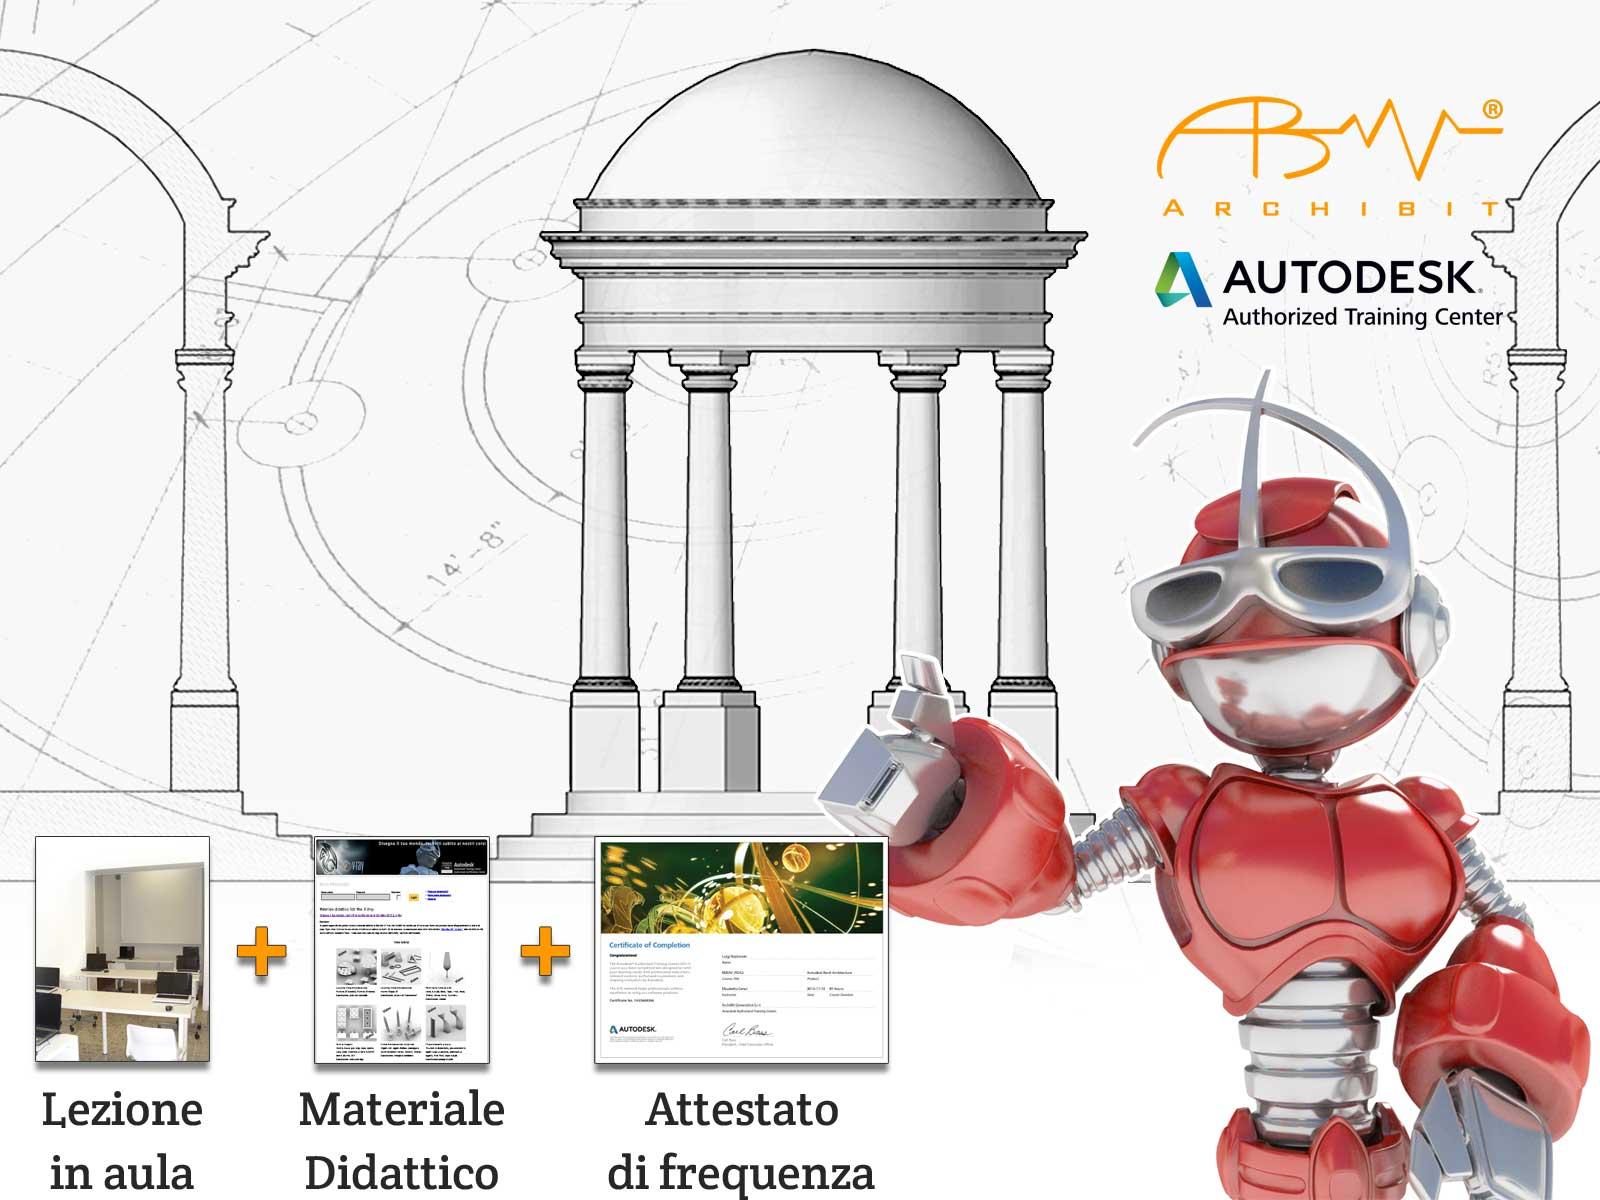 corso certificato autoCAD 2D archibit centro corsi autodesk roma